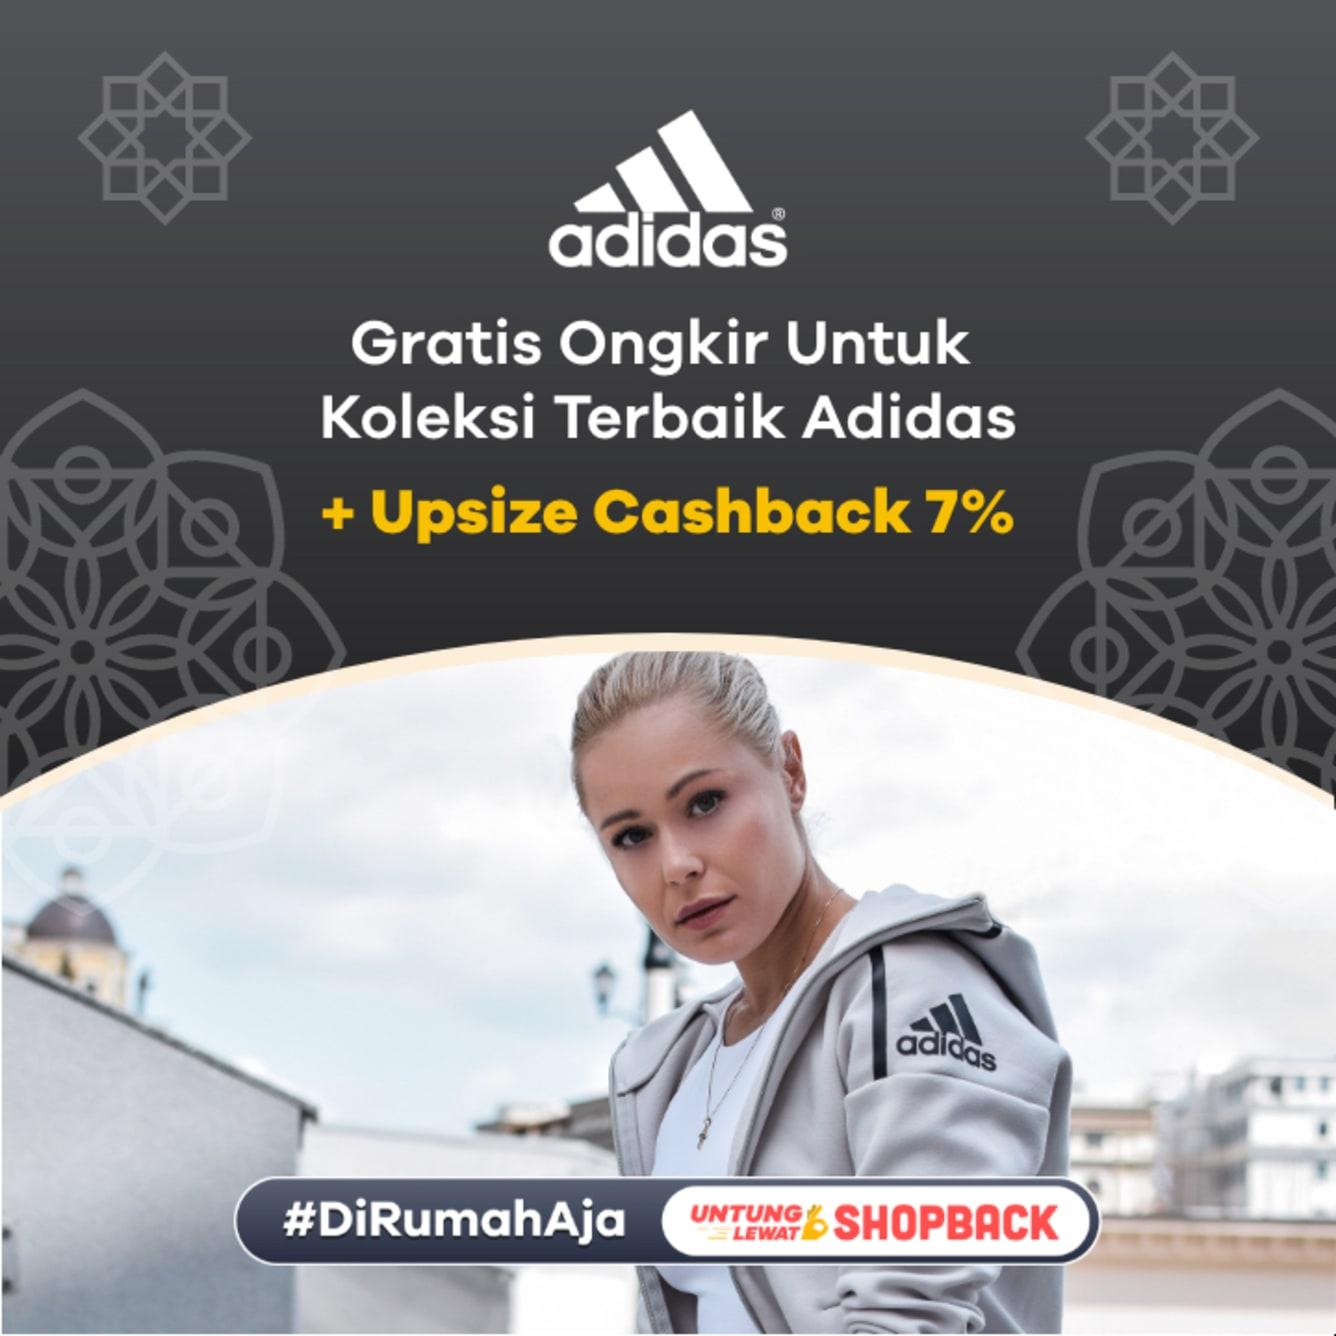 Week 22 - Promo Adidas